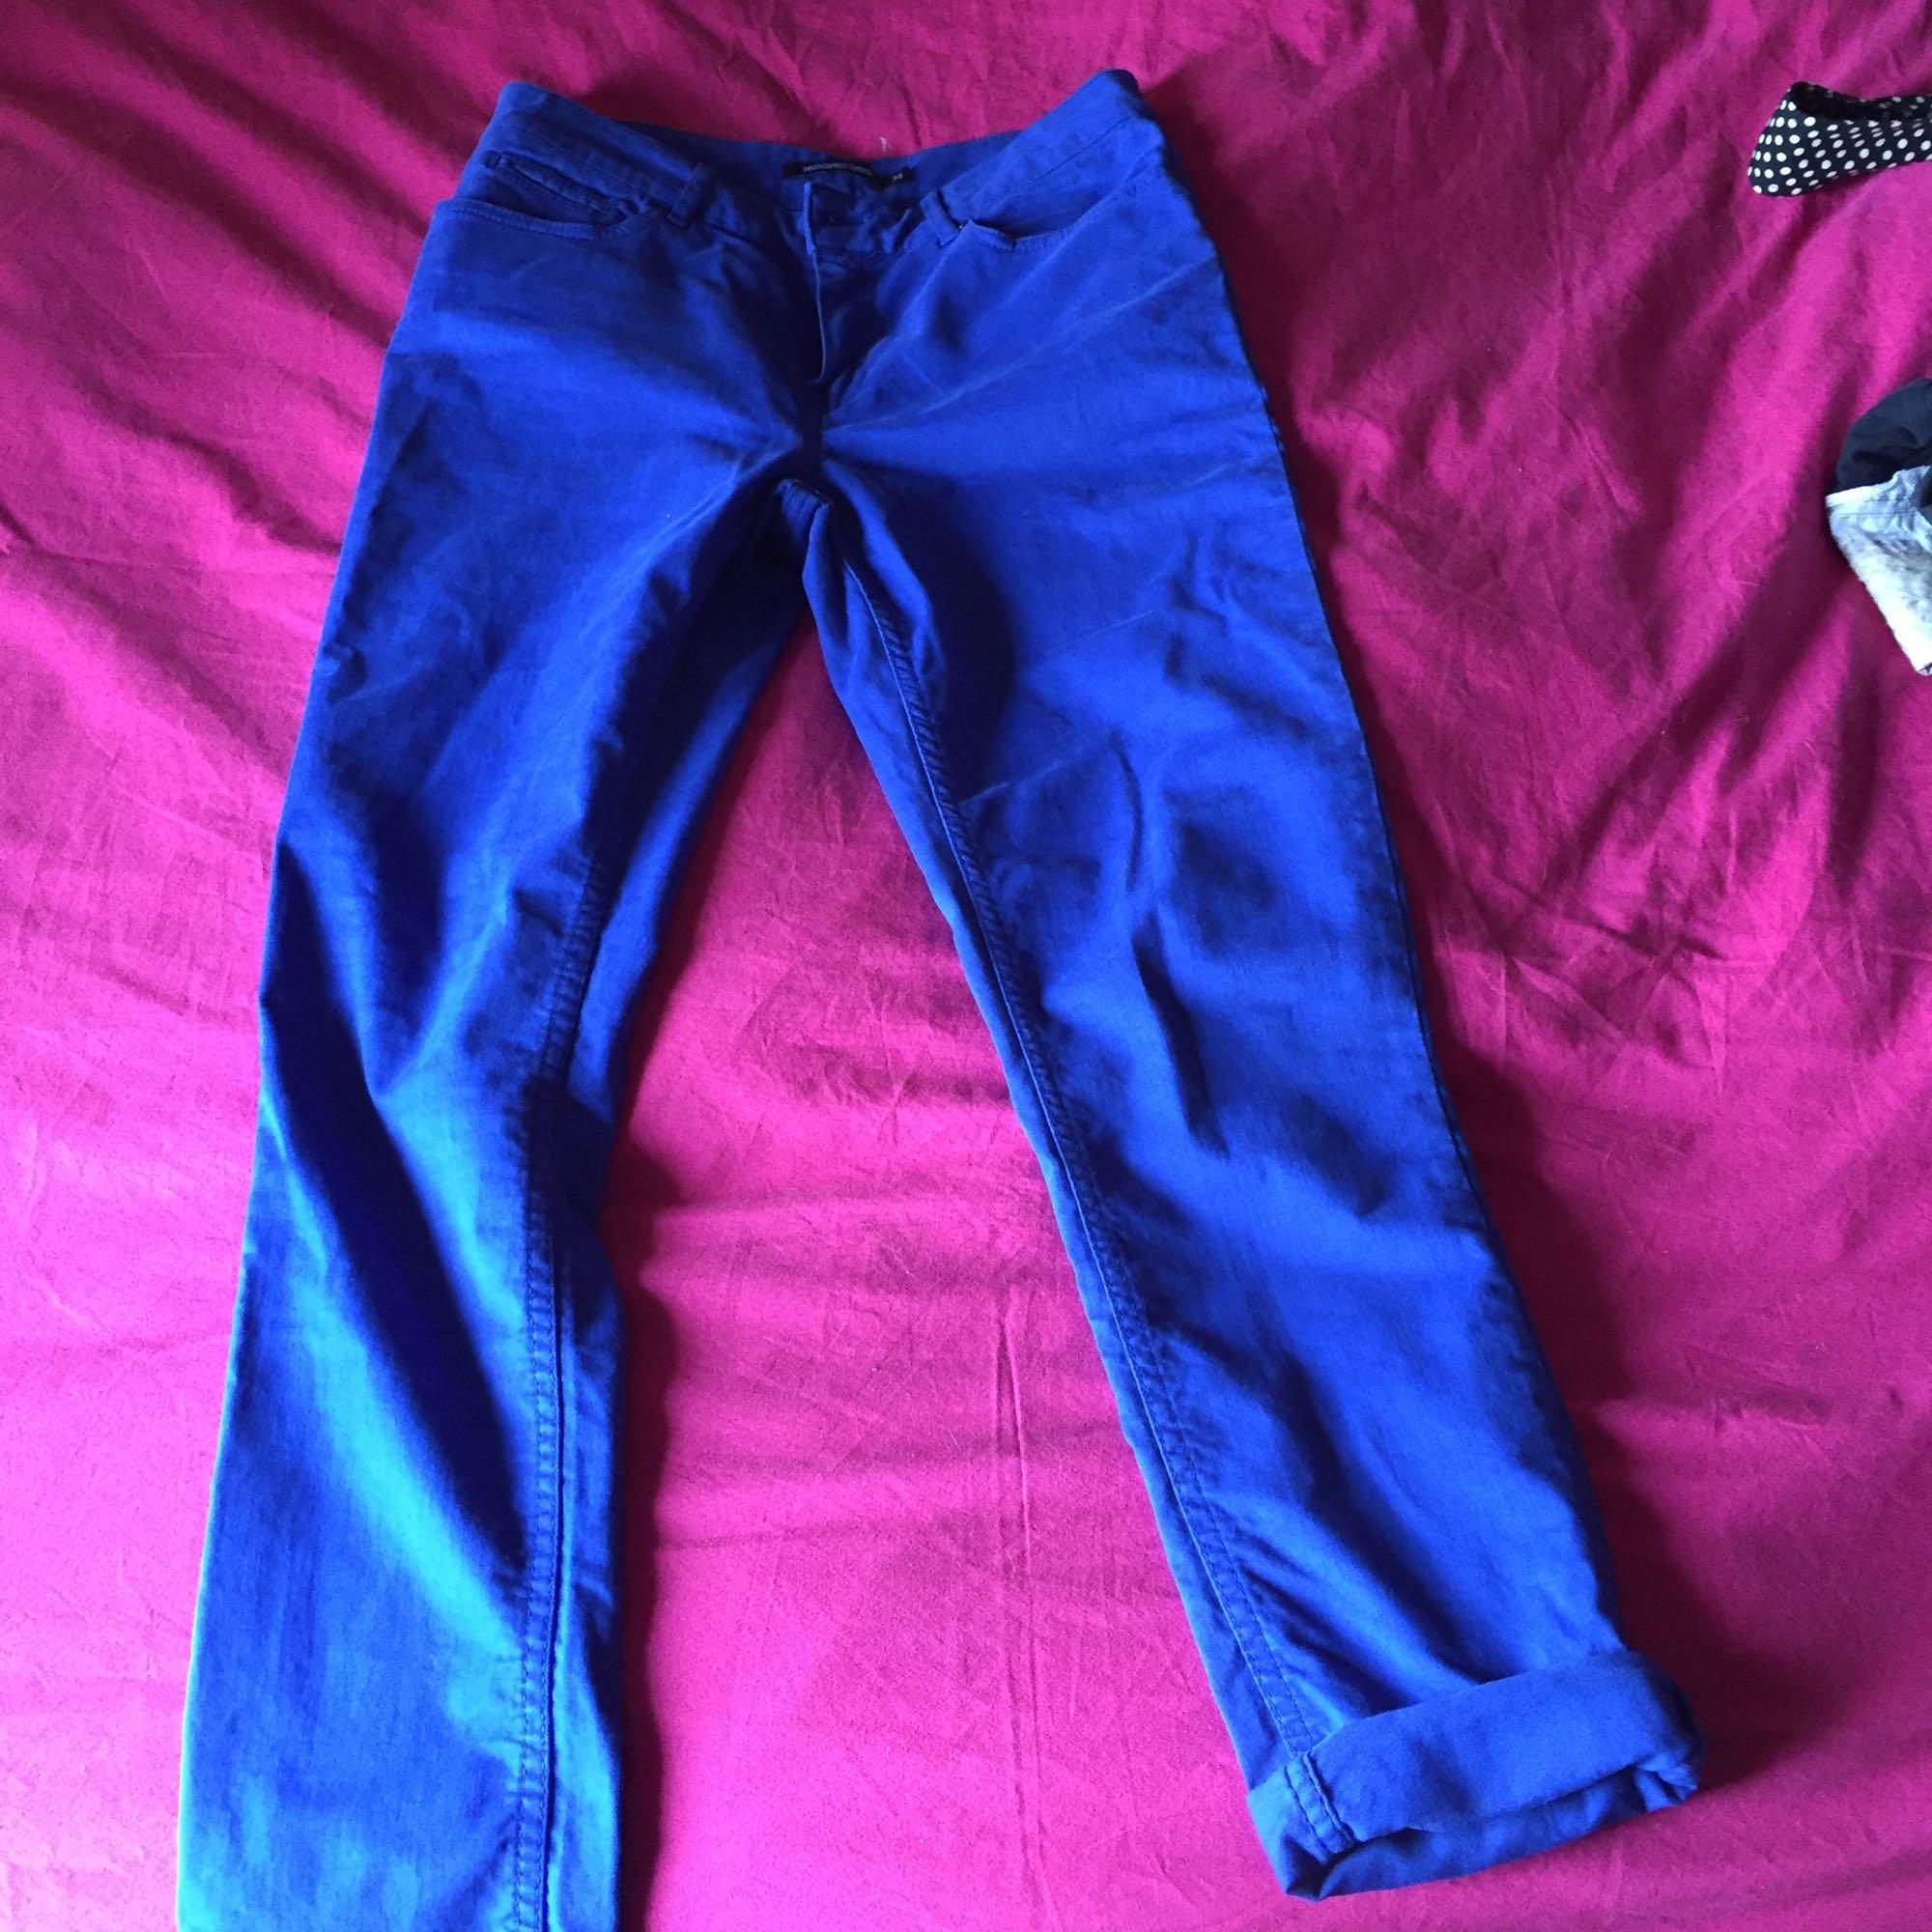 Pantalon slim, cigarette MONOPRIX Bleu, bleu marine, bleu turquoise